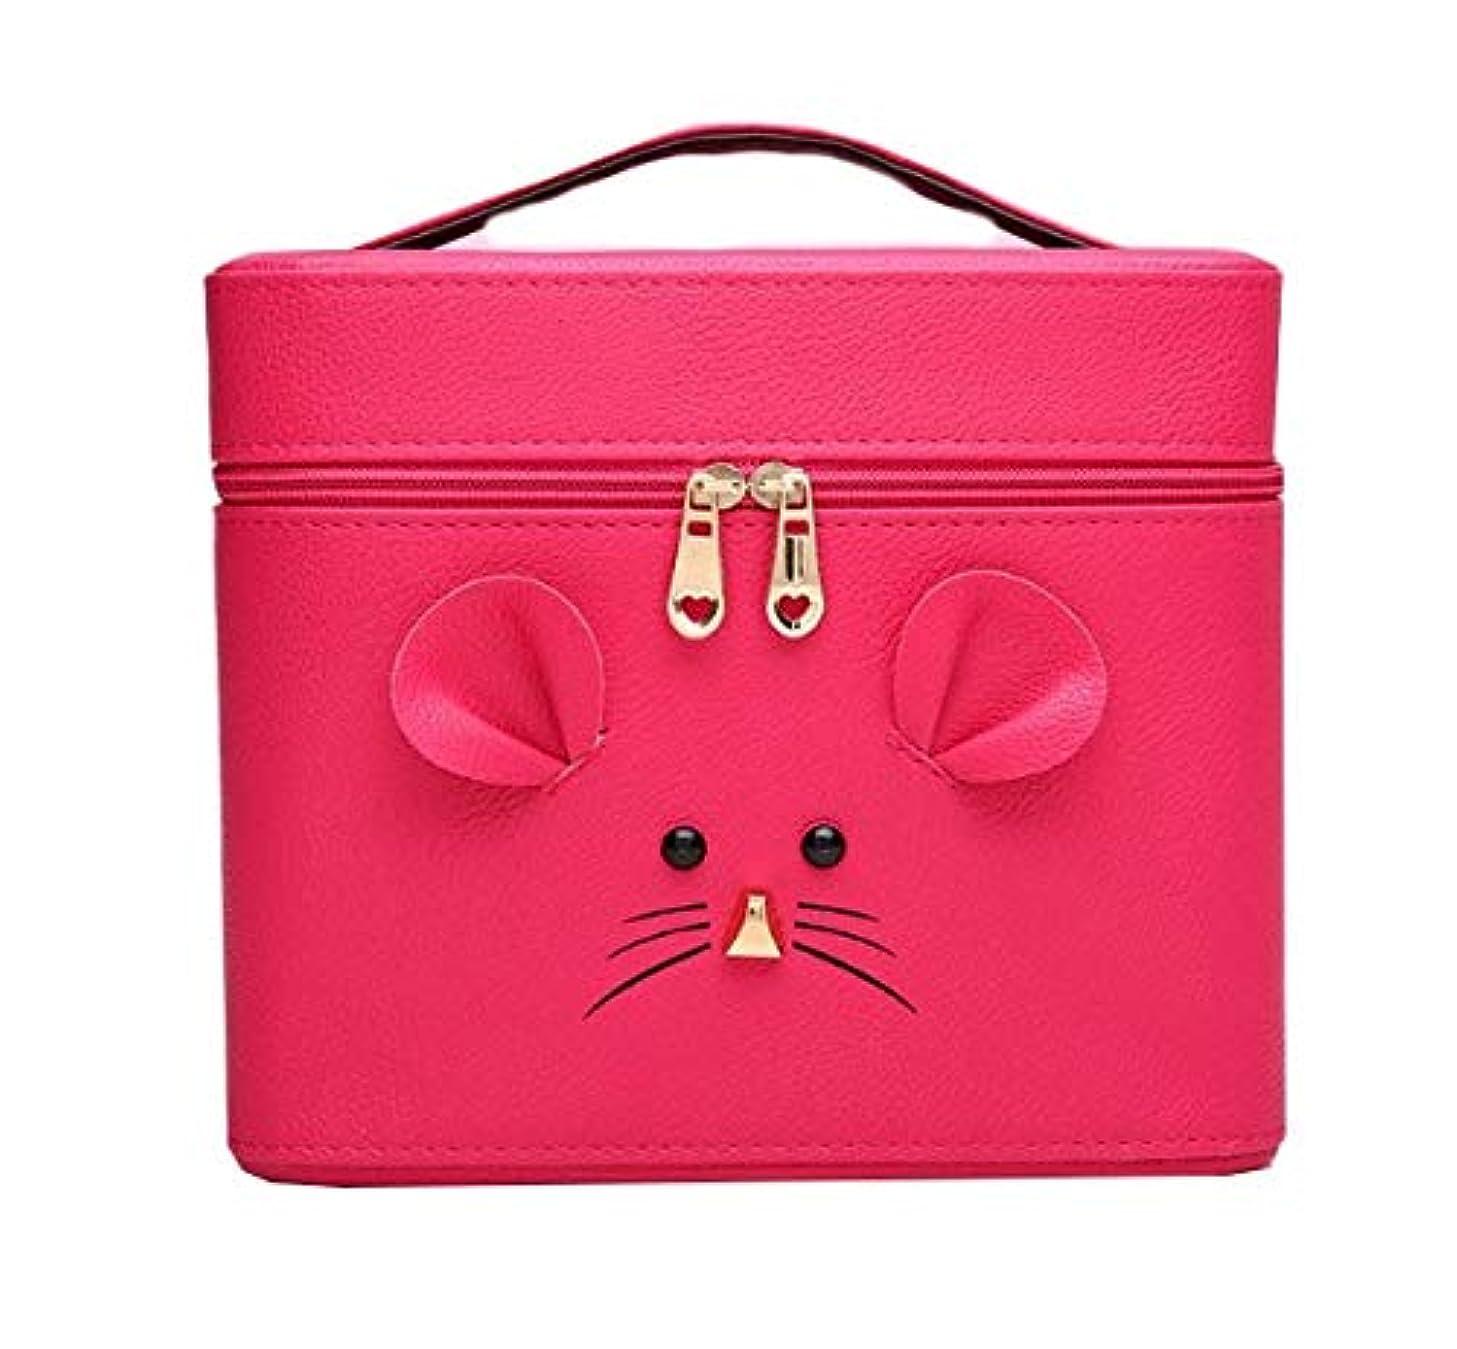 マイクロプロセッサ拮抗する礼儀化粧箱、ローズレッド漫画マウス化粧ケース、ポータブル旅行化粧品ケース、美容ネイルジュエリー収納ボックス (Size : M)